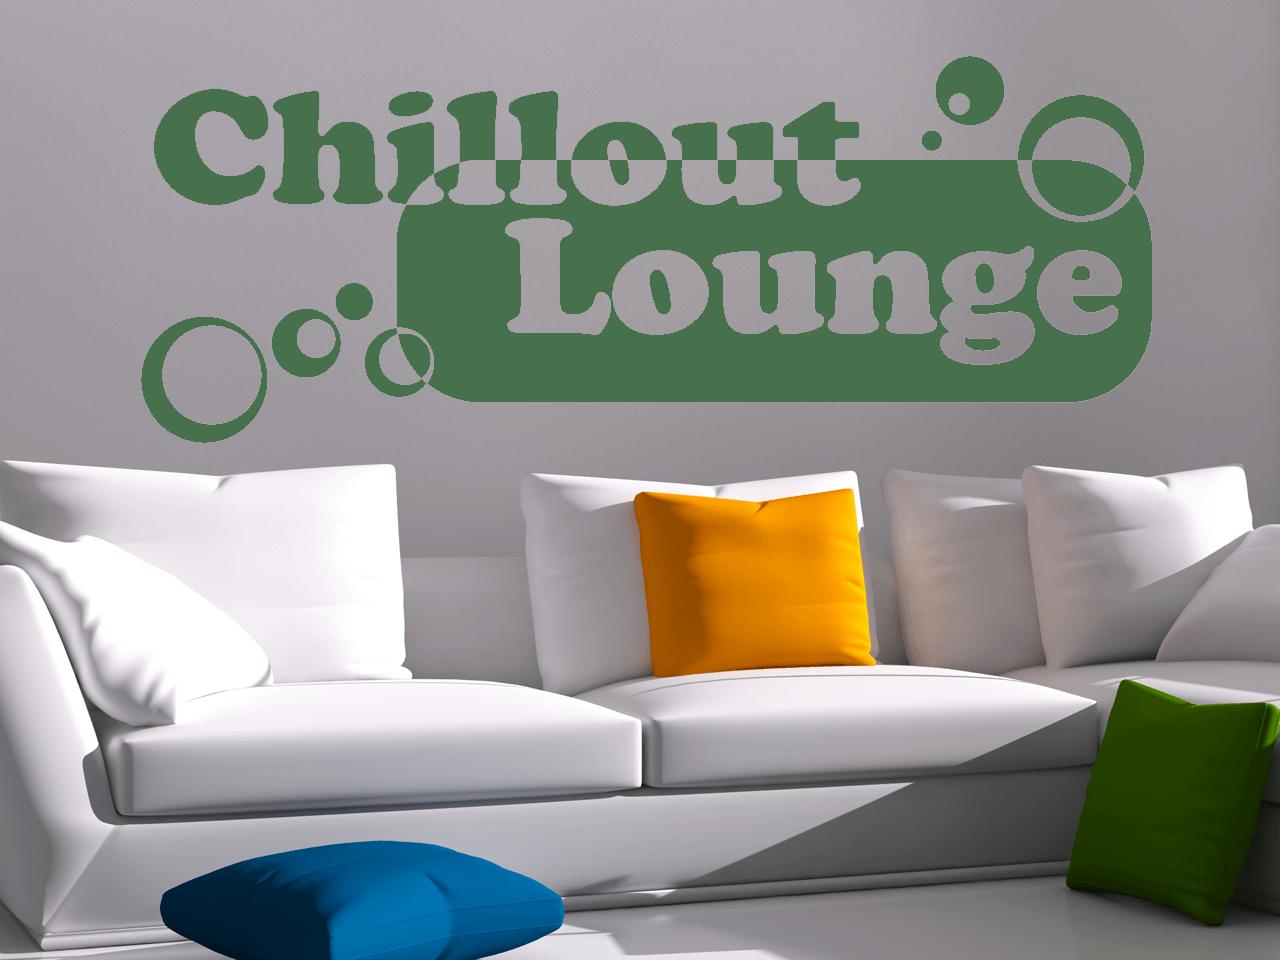 Lounge Wohnzimmer | Wandtattoo Chillout Lounge Wohnzimmer Schlafzimmer Kuche Tocut